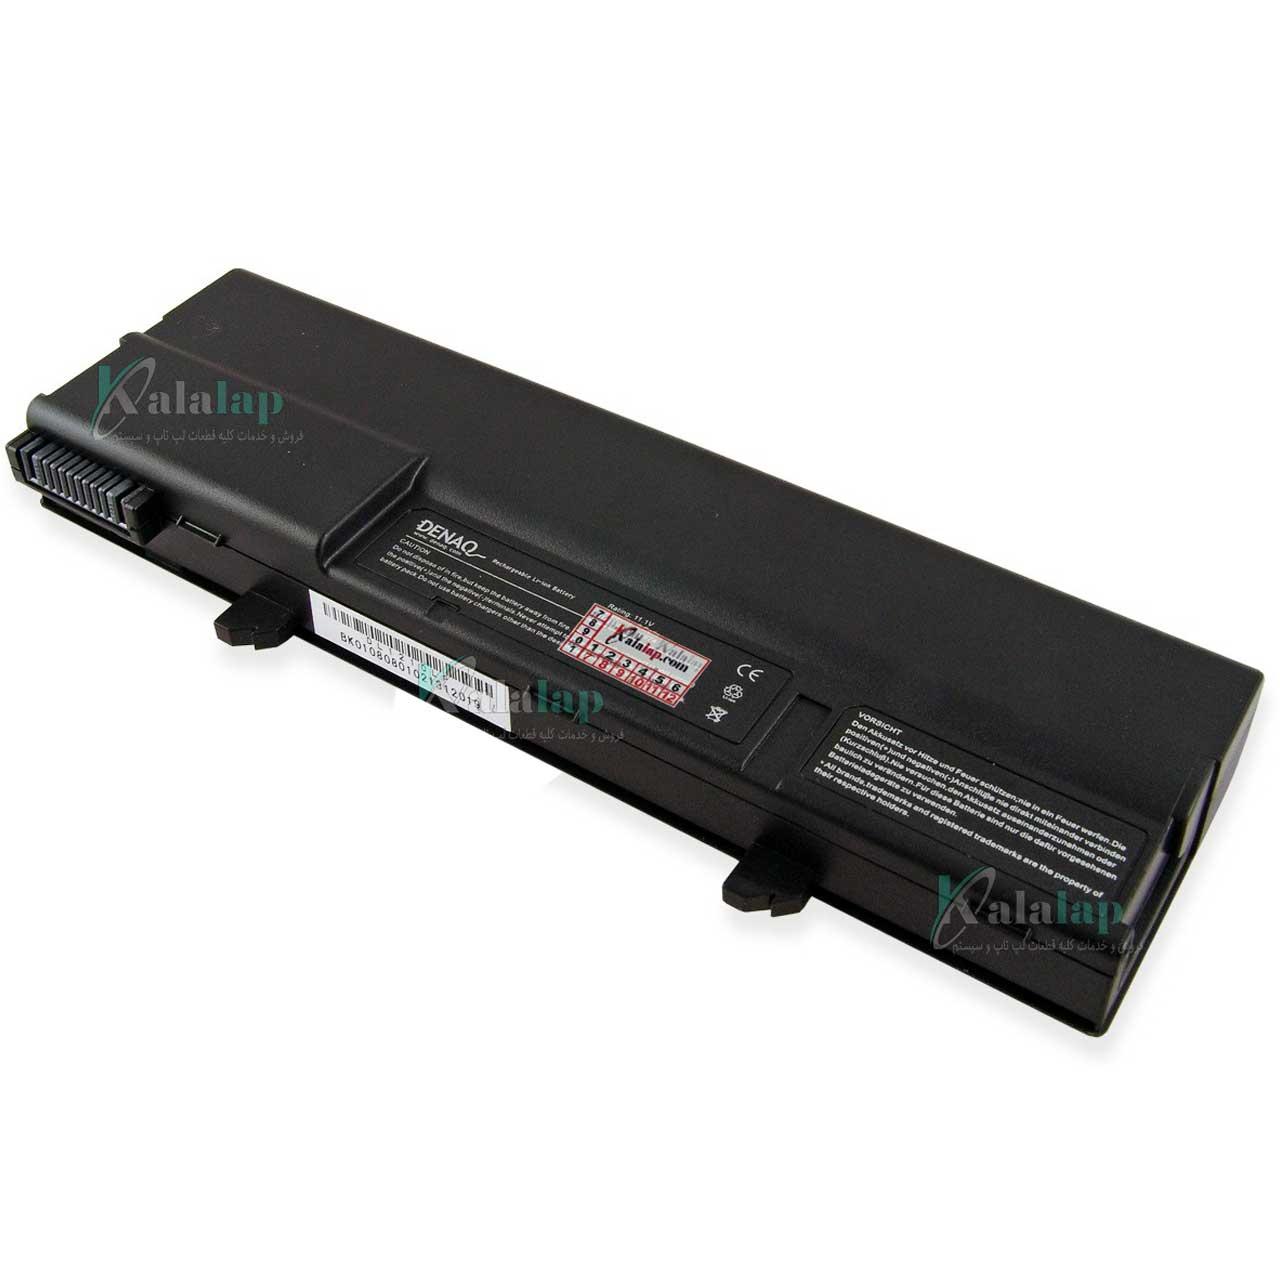 باتری لپ تاپ دل Battery Dell XPS 1210 M1210 9cell